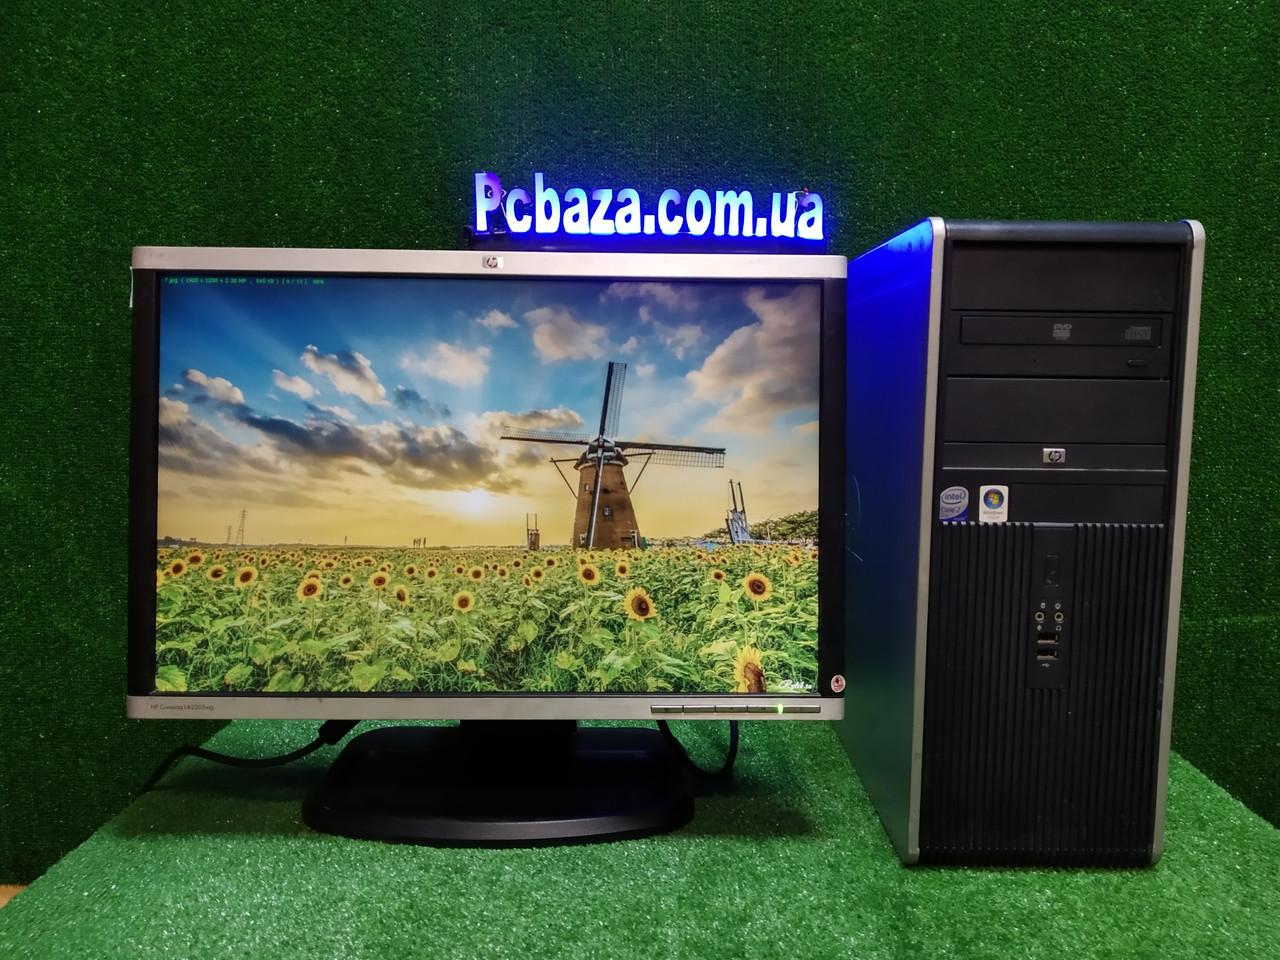 """ПК HP + мон 22"""" HP, Intel 4 ядра, 4 ГБ, 320 ГБ Настроен! Есть Опт! Гарантия!"""